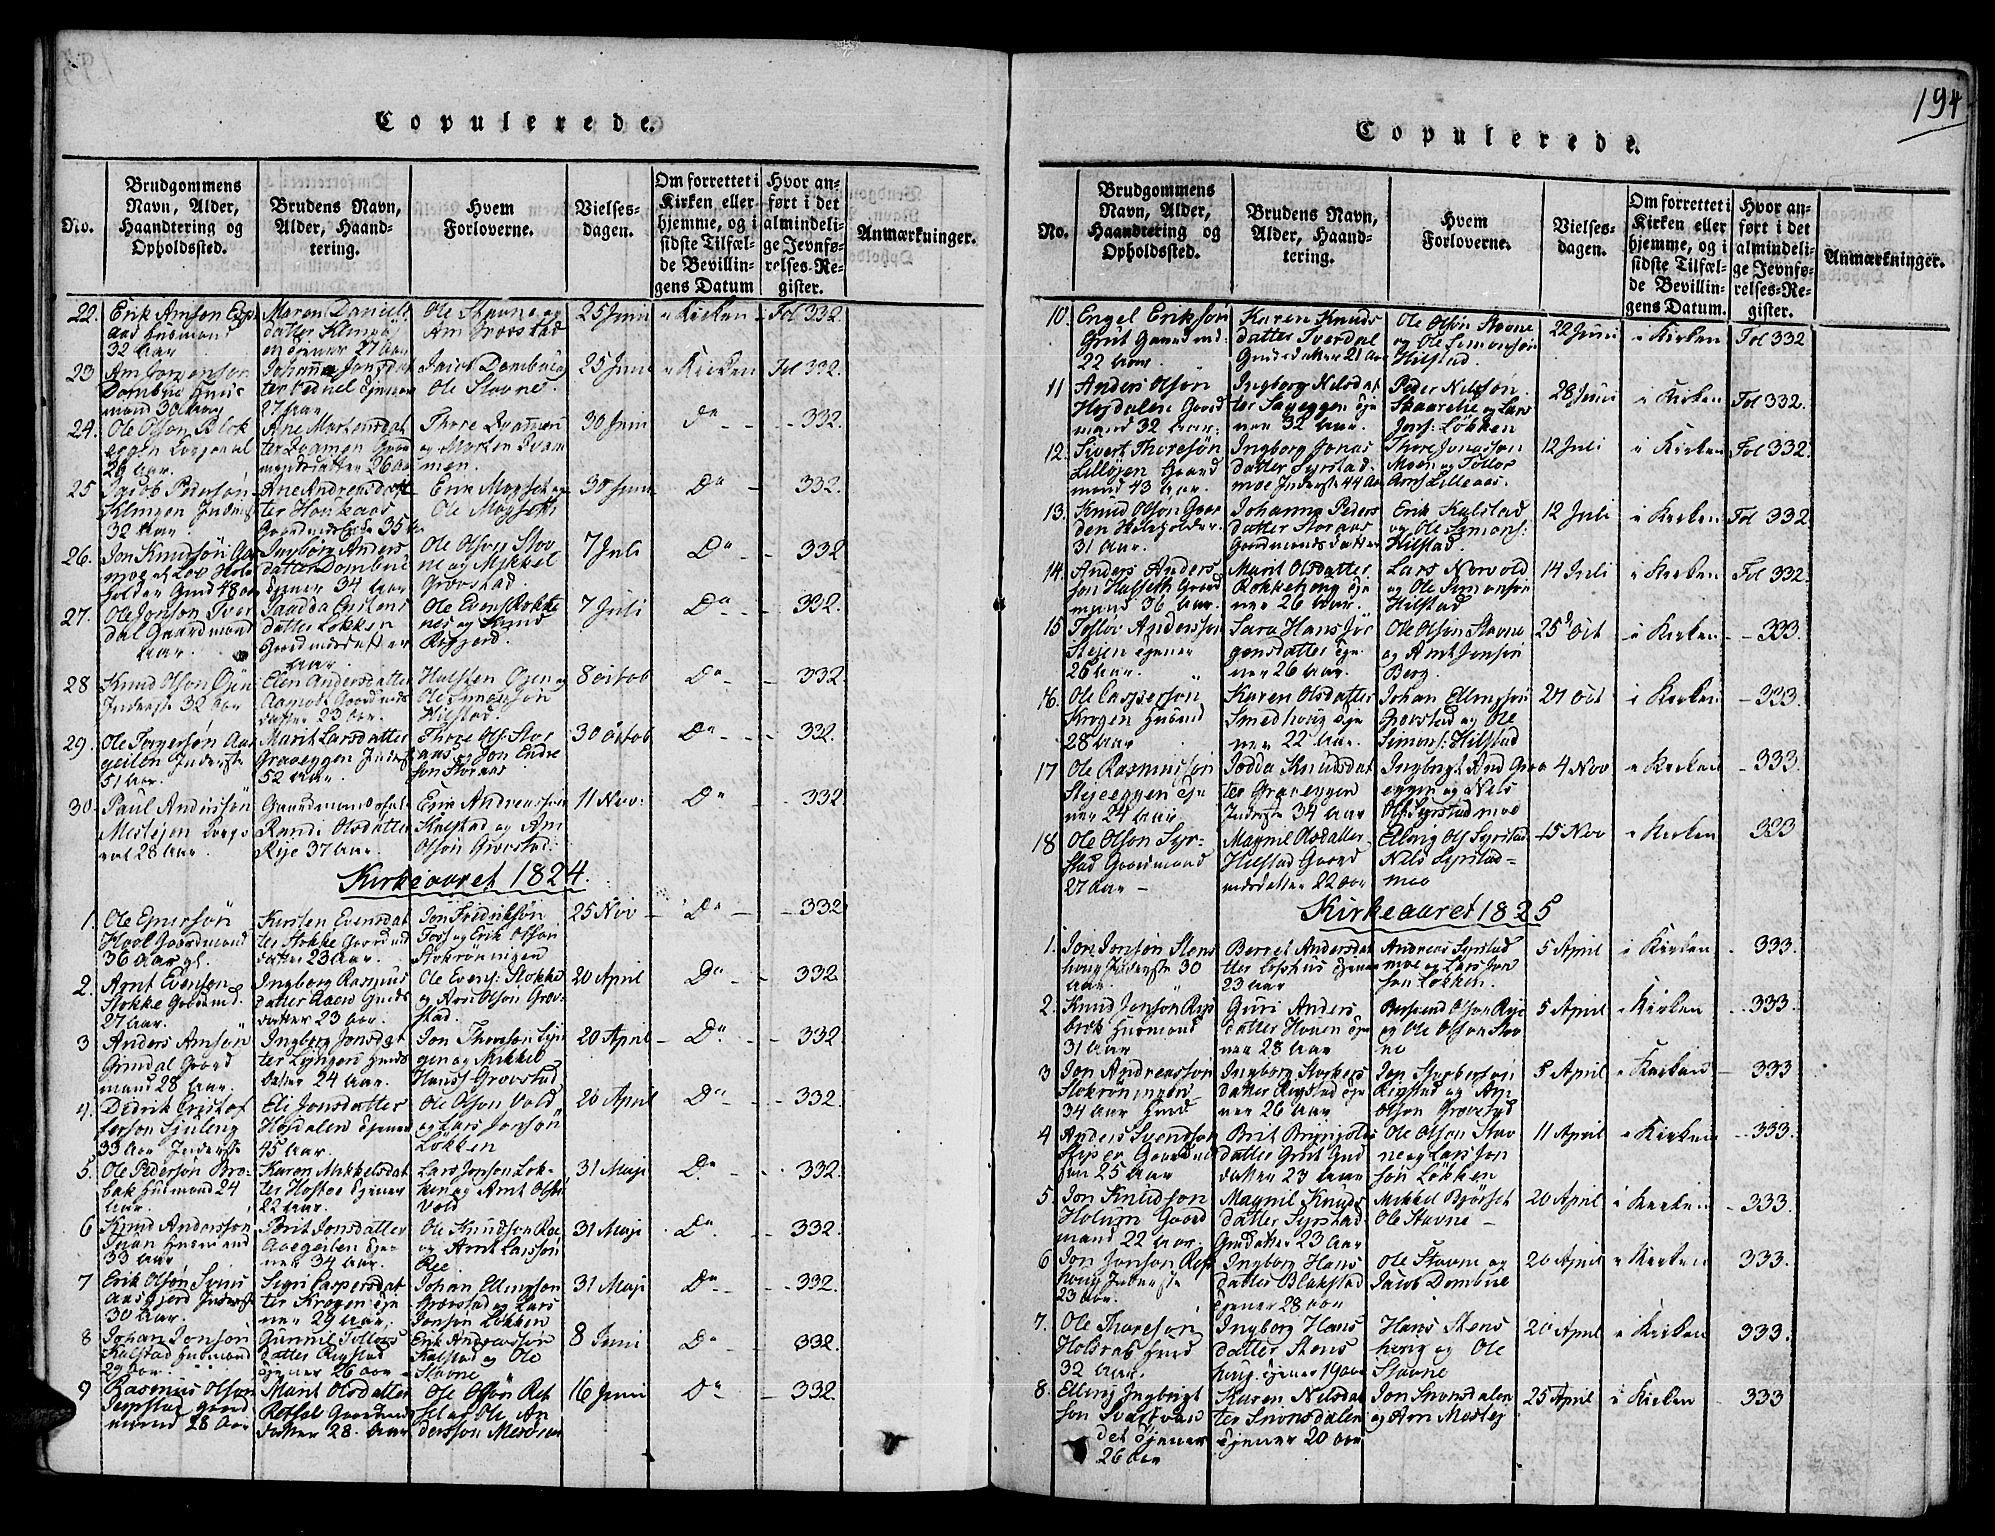 SAT, Ministerialprotokoller, klokkerbøker og fødselsregistre - Sør-Trøndelag, 672/L0853: Ministerialbok nr. 672A06 /1, 1816-1829, s. 194